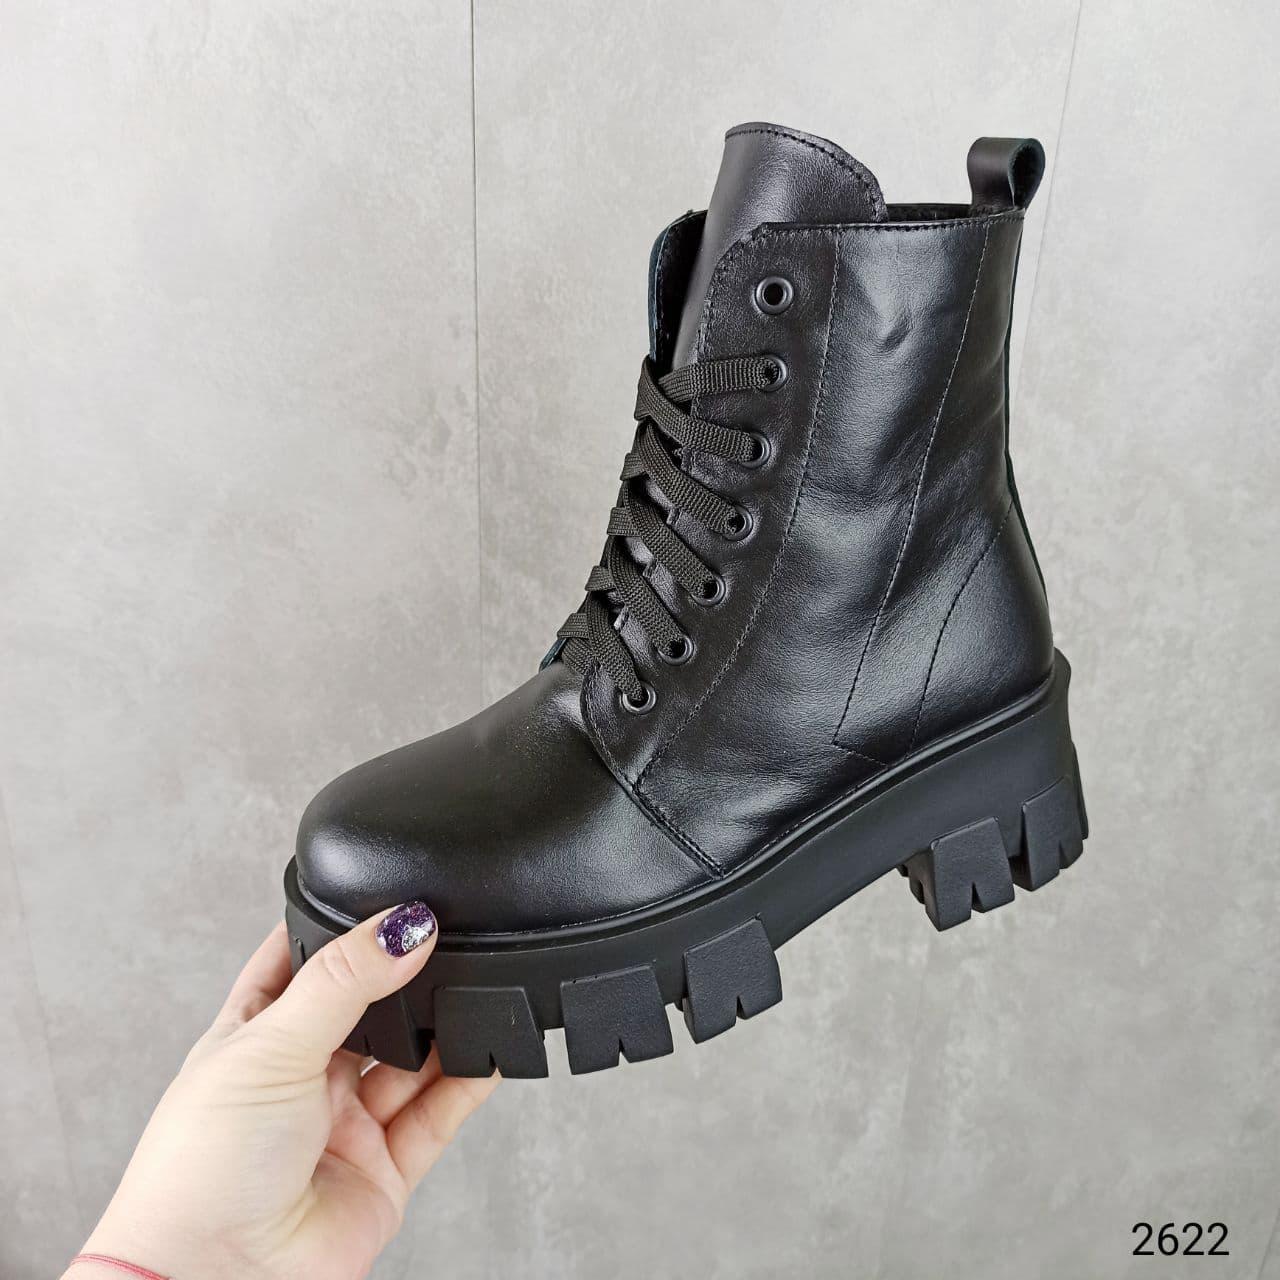 36 р. Ботинки женские деми черные кожаные на толстой подошве платформе демисезонные из натуральной кожи